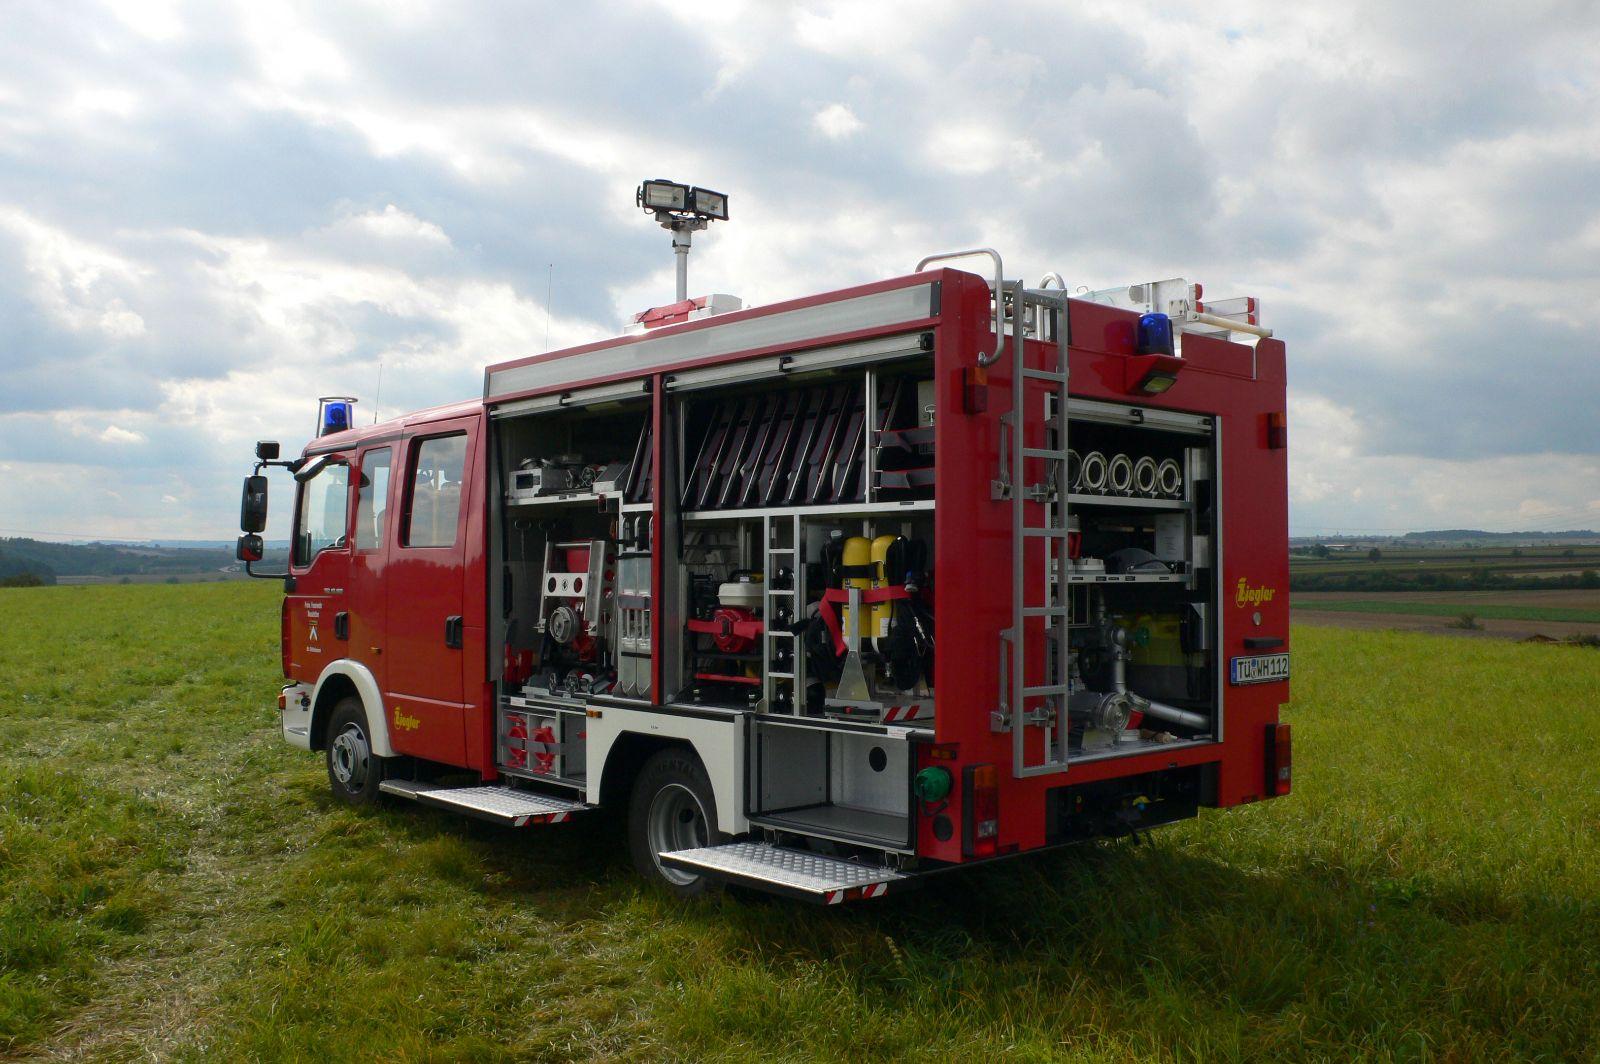 Neues Feuerwehrfahrzeug hinten